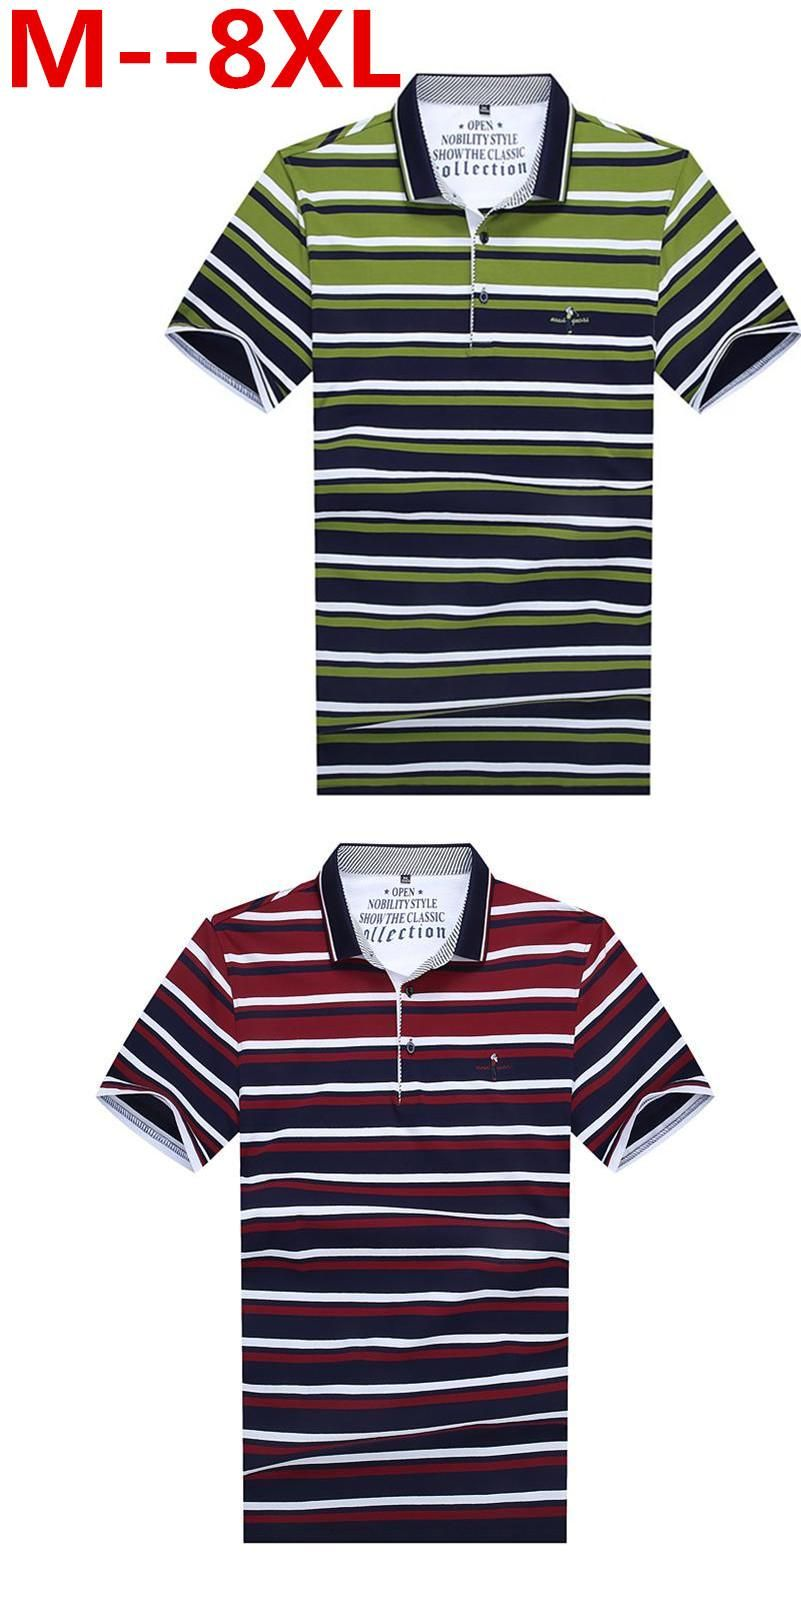 10xl 9xl 8xl 7xl 6xl 5xl 4x Men Cotton Polo Shirt Contrast Color